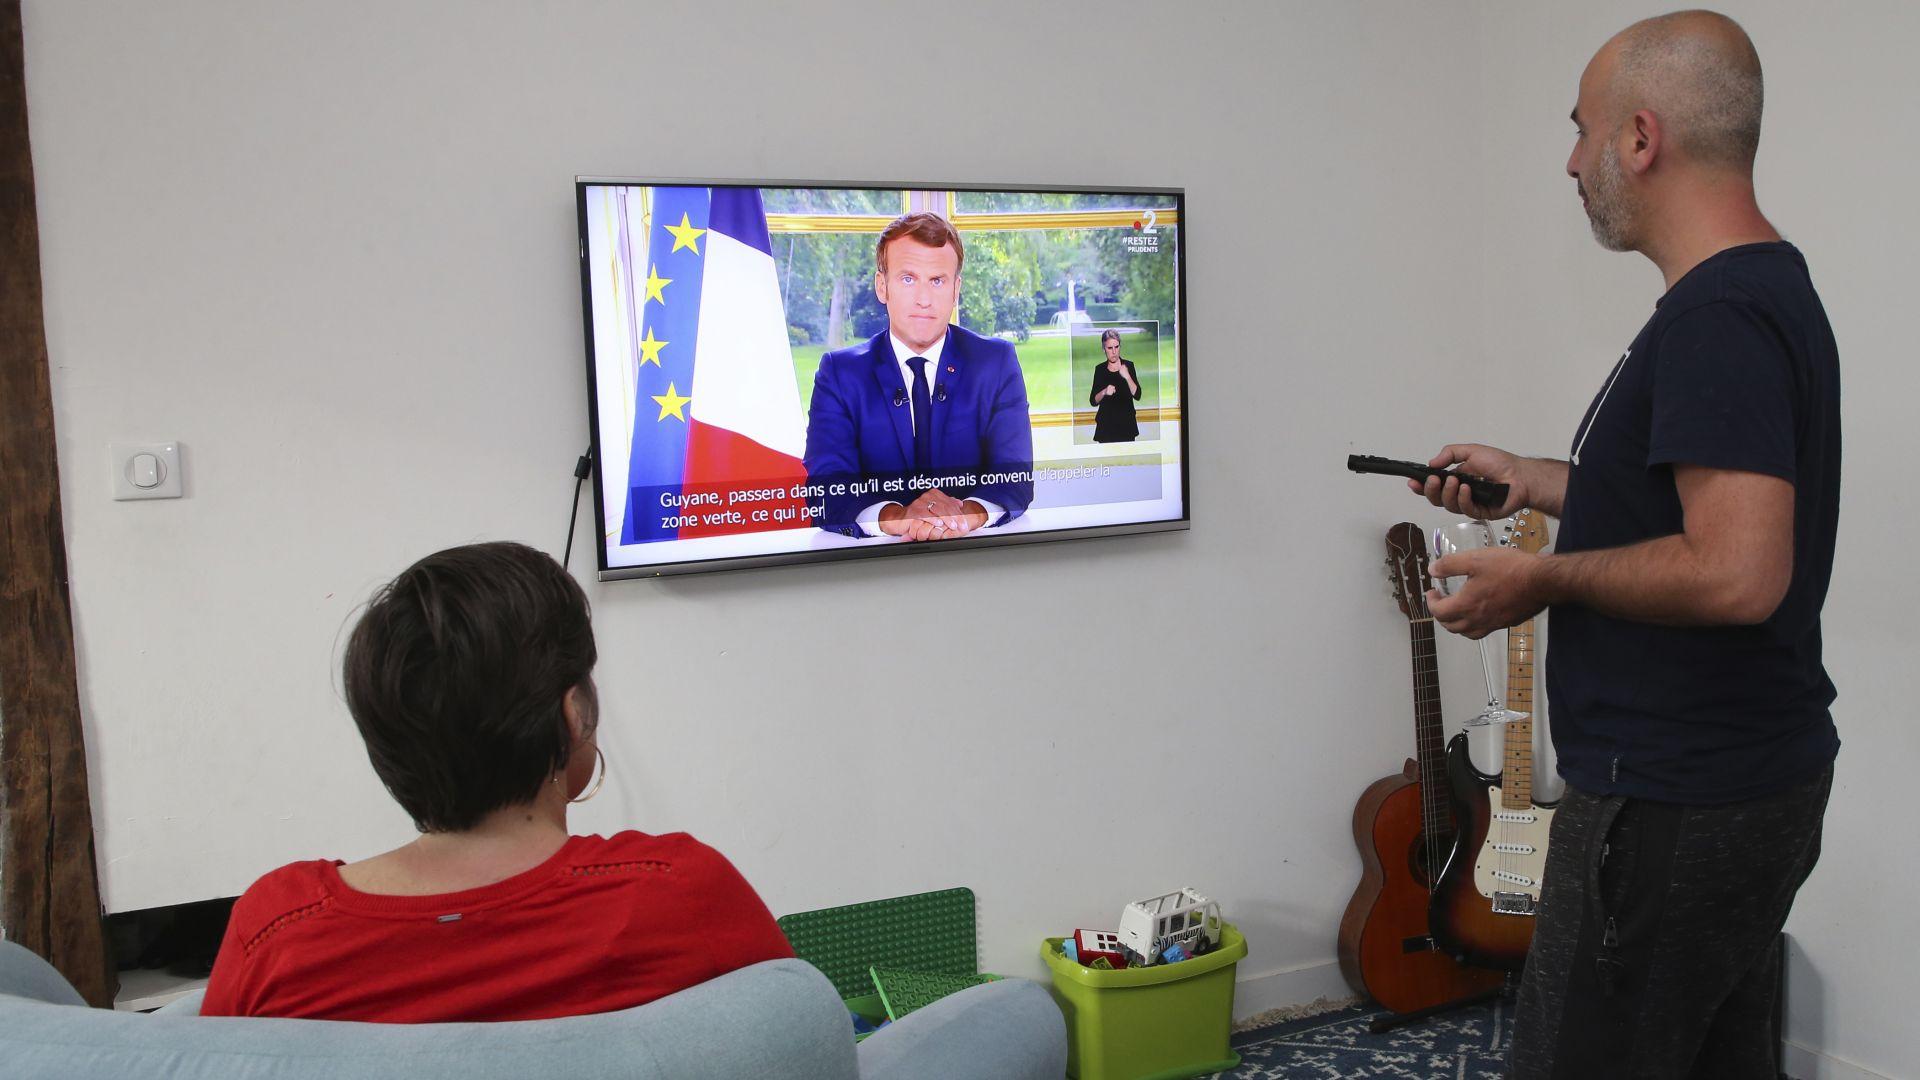 В телевизионно обръщение: Еманюел Макрон обяви първа победа срещу коронавируса